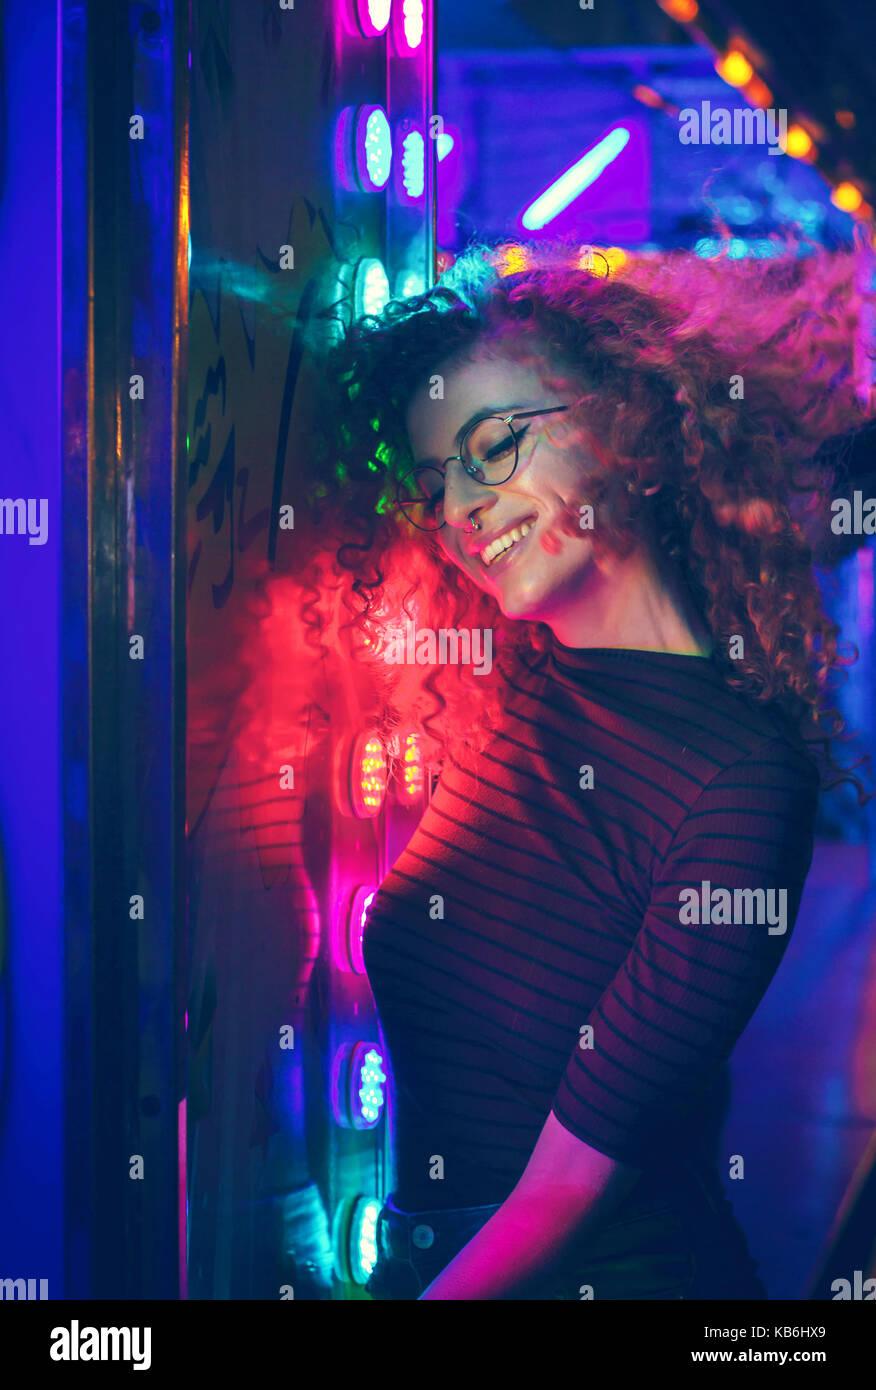 Ritratto di una giovane donna di notte illuminato con luci di colore Immagini Stock